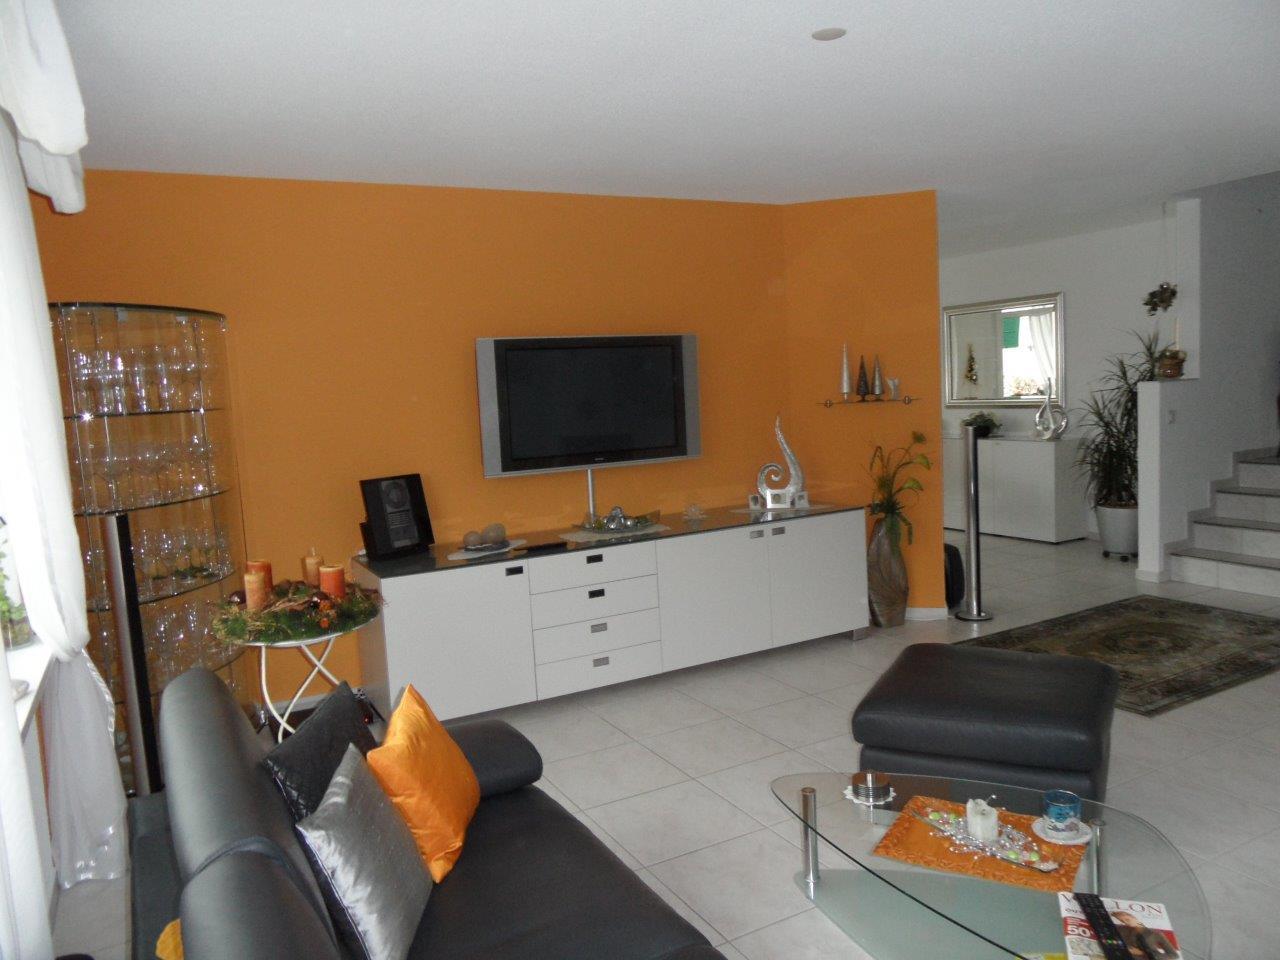 Wunderbar Wohnzimmer Neu Renoviert Und 1 Wand Bunt, Hervorheben Des Sideboards